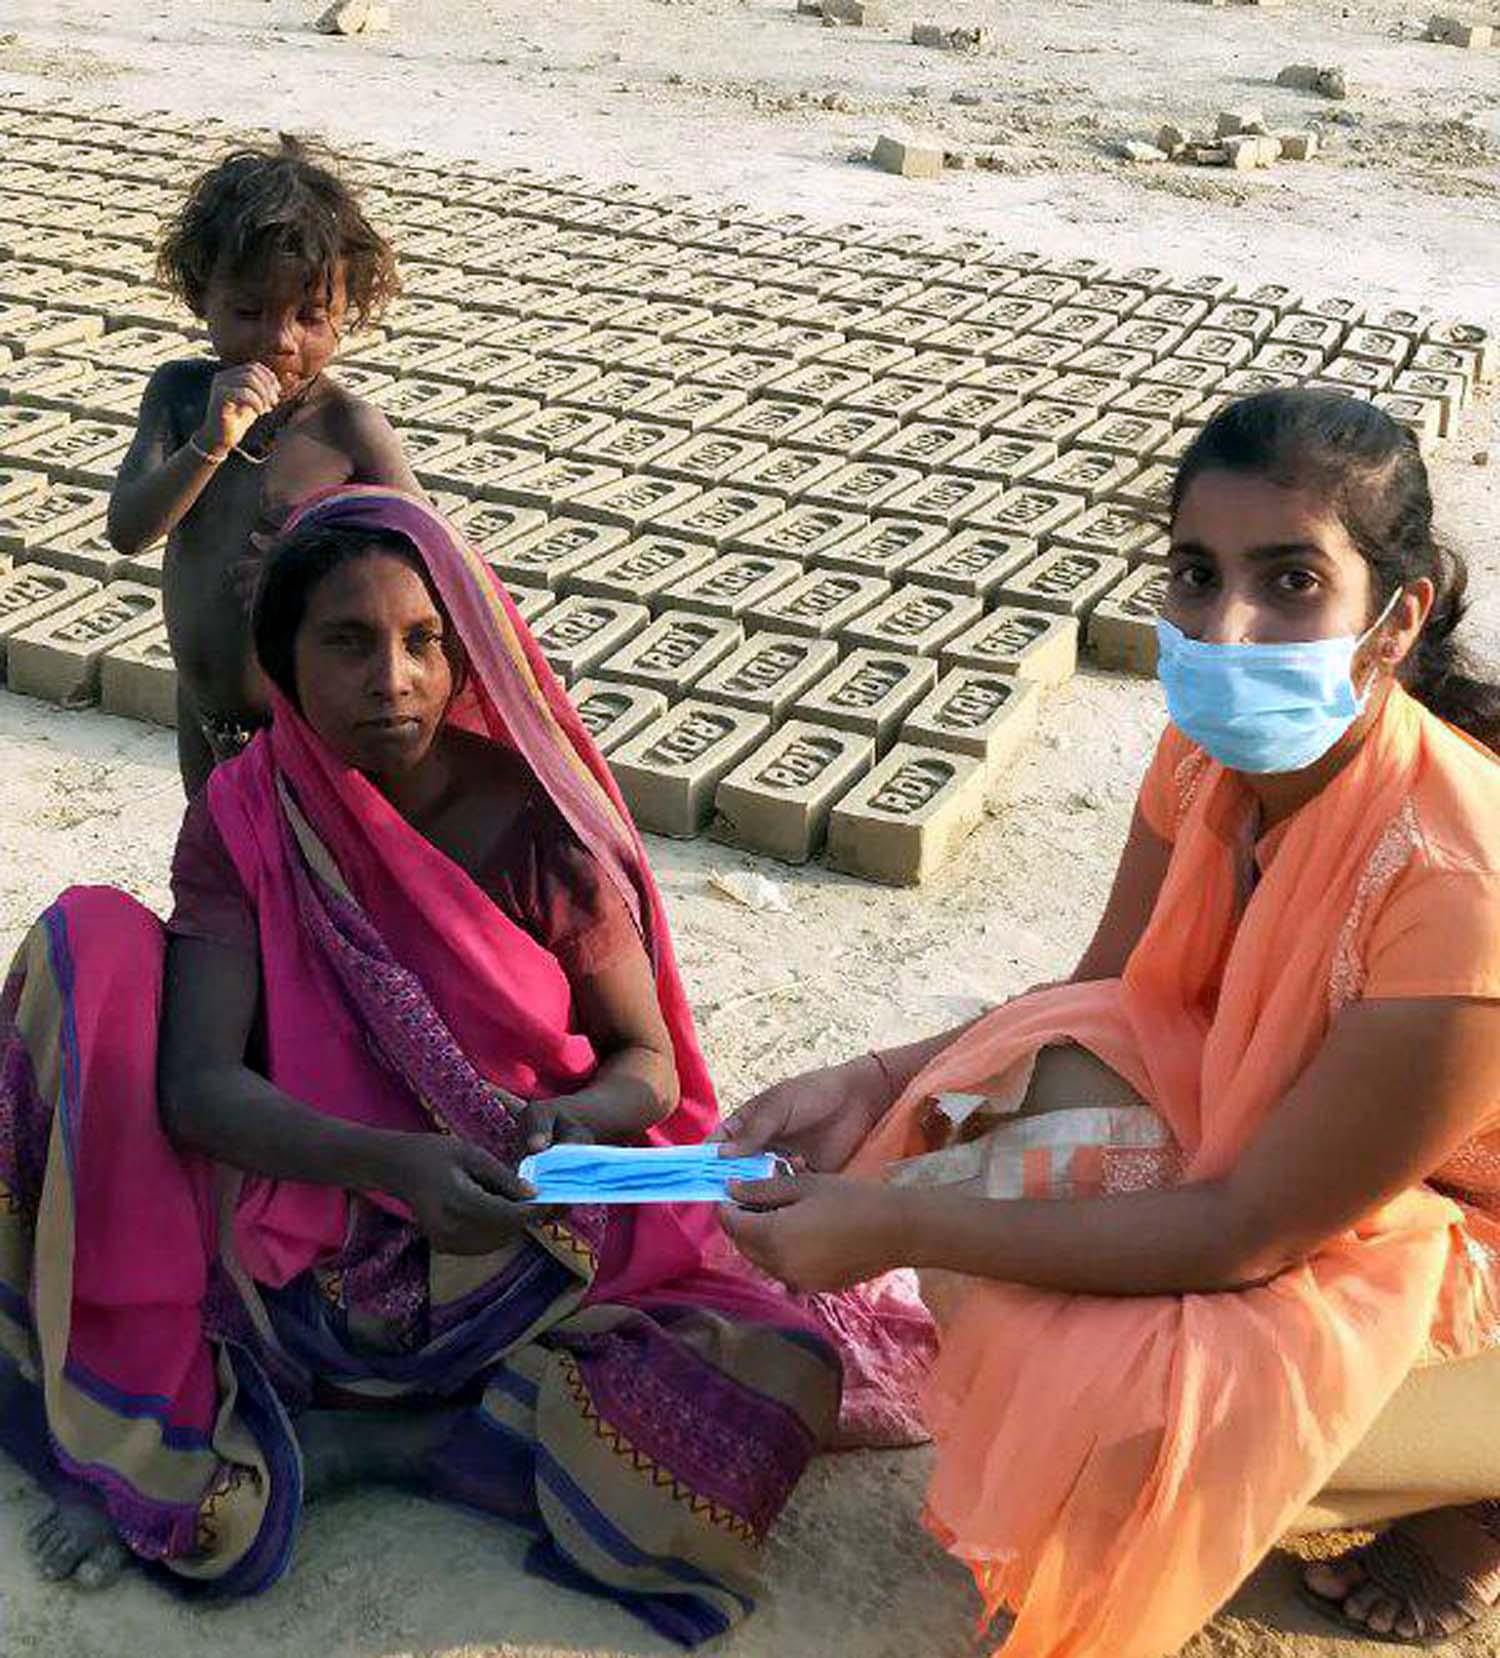 जौनपुर। नगर के टीडी महिला कालेज के राष्ट्रीय सेवायोजना की स्वयंसेविकाओं ने कोरोना को जड़ से समाप्त करने के लिये नाथूपुर, बैजारामपुर, दूल्हेपुर, रामदयालगंज, शिवगुलामगंज में सोशल डिस्टेंस का ध्यान रखते हुये रंगोली, मेंहदी, पोस्टर आदि बनाकर लोगों को इस संक्रमण के प्रति जागरूक किया। साथ ही लोगों आरोग्य सेतु एप लाडनलोड करके लोगों का पंजीकरण भी कराया। इस कार्य में लगी स्वयंसेविका ममता चौबे, वर्षा पाण्डेय, स्नेहा मिश्रा, आरती यादव, श्रद्धा सिंह, शिखा सिंह, शिल्पा सिंह, कृति सिंह आदि ने 'घर में रहें, सुरक्षित रहें, स्वच्छता का ध्यान रखें, कोरोना को मात दें' आदि स्लोगन वाले पोस्ट के माध्यम से लोगों को जागरूक किया। इसी क्रम में ममता चौबे ने दूल्हेपुर के ईंट भट्ठे के मजदूरों को मास्क दिया तो वर्षा पाण्डेय, स्नेहा मिश्रा आदि ने तमाम लोगों को मास्क दिया। इस कार्यक्रम के लिये प्रोत्साहित करने वाली में कार्यक्रम अधिकारी डा. राजश्री सिंह, डा. शालिनी सिंह, डा. पूनम सिंह ने बताया कि सम्पूर्ण कार्यक्रम पूर्वांचल विश्वविद्यालय के कार्यक्रम समन्वयक डा. राकेश यादव एवं जिले के नोडल अधिकारी डा. अजय विक्रम सिंह के दिशा निर्देश में हो रहा है।